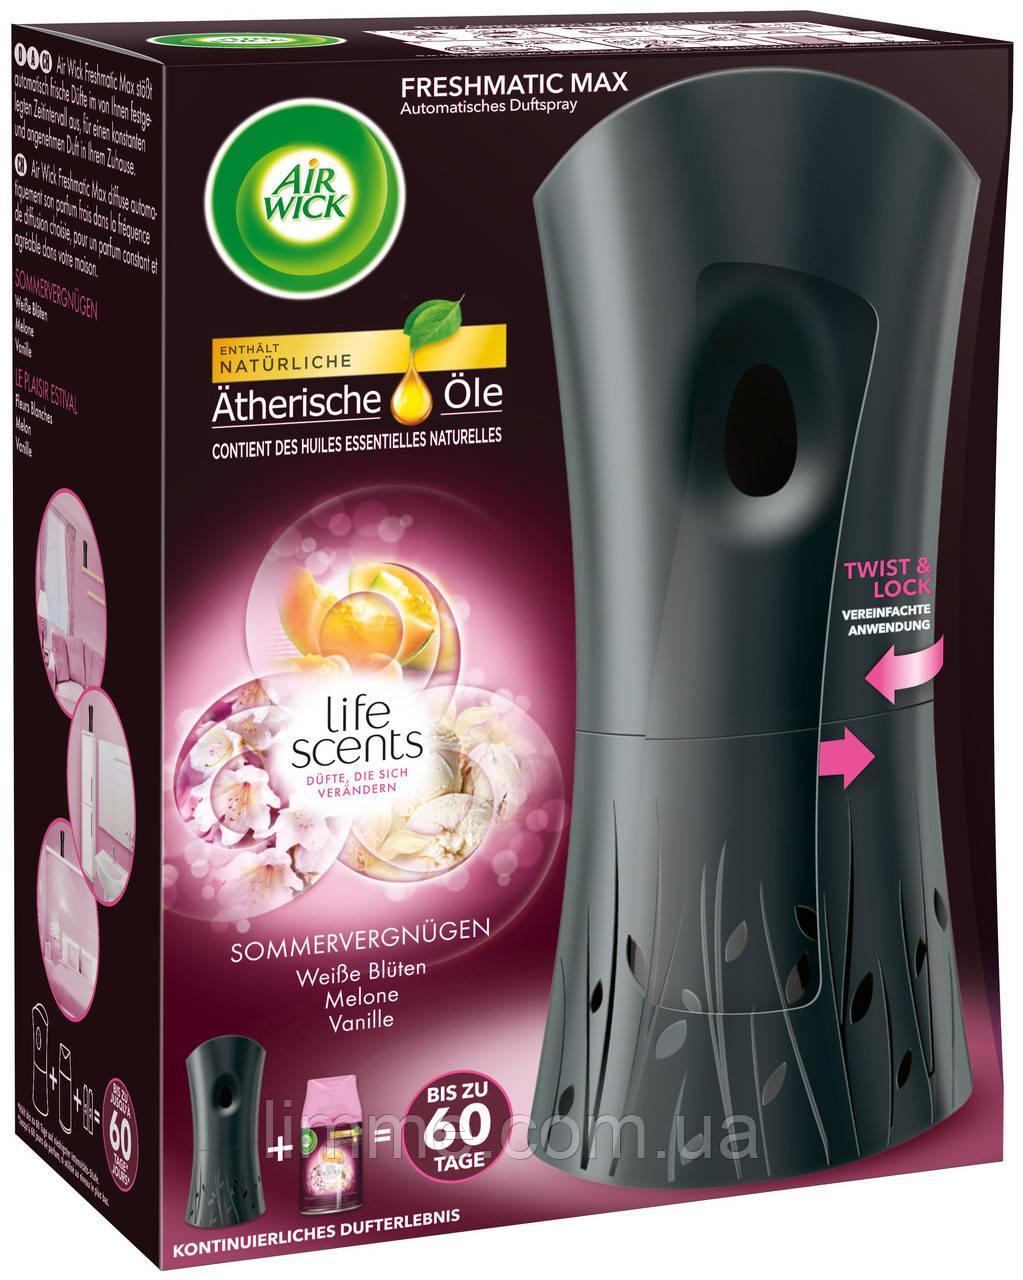 Автоматичний освіжувач повітря Air Wick Freshmatic Life Scents 250 ml (Королівський десерт)